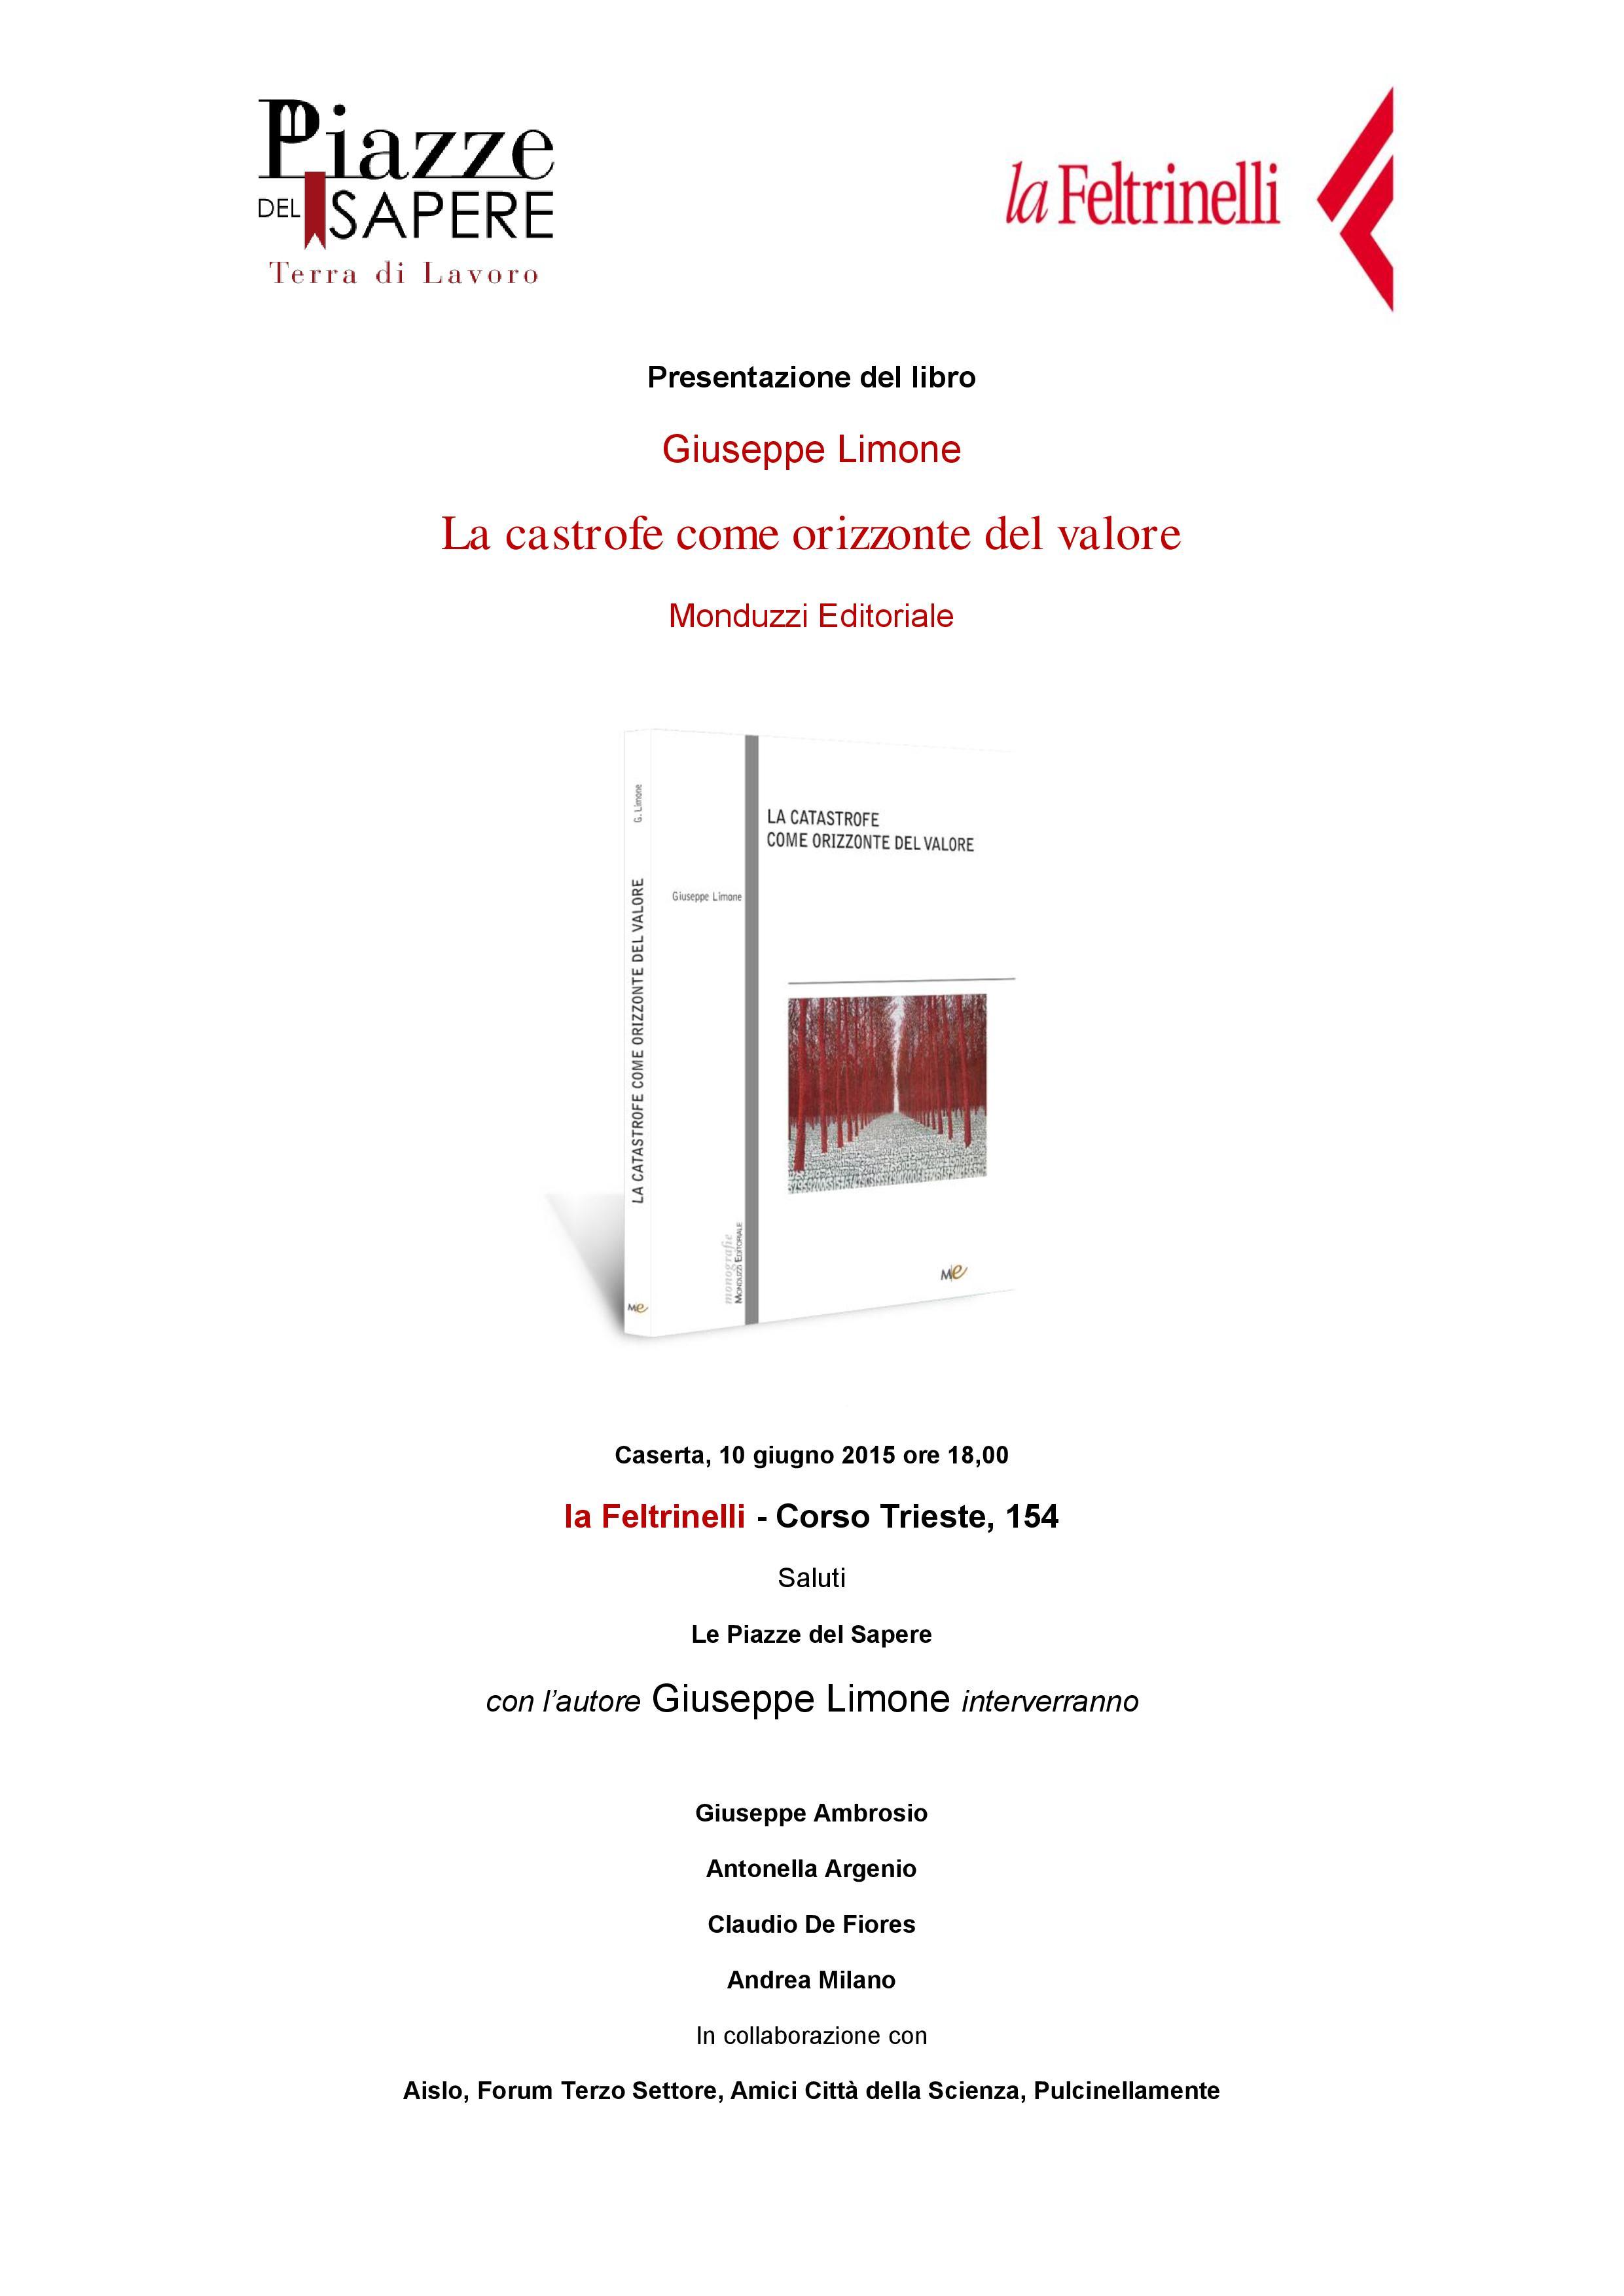 presentazione-libro-giuseppe-limone-10-giu-2015